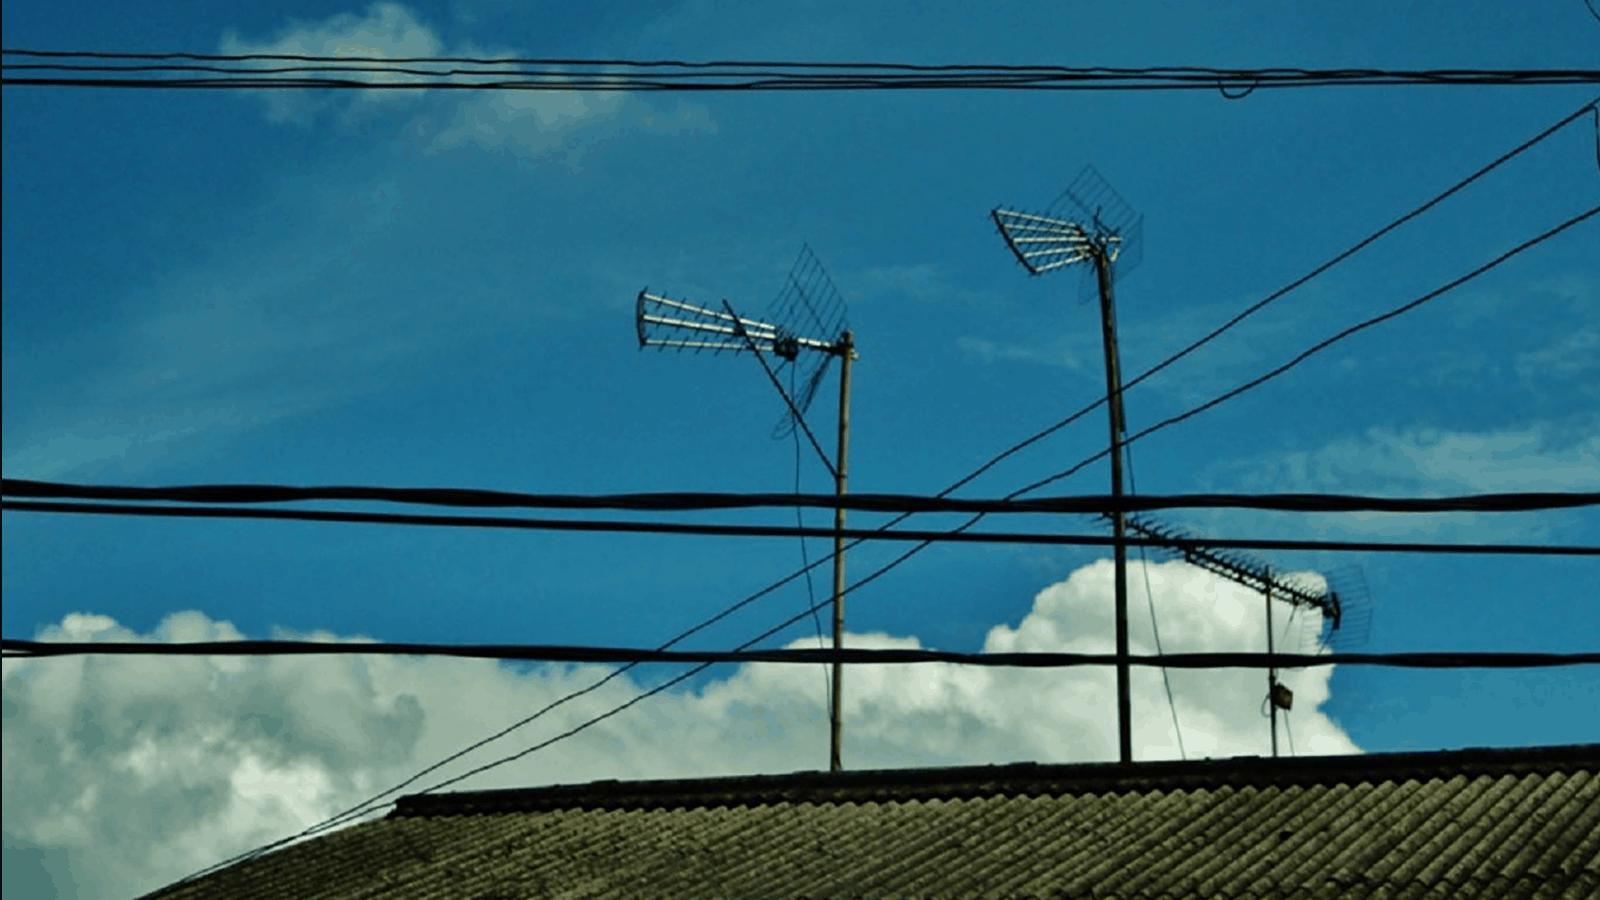 cara menangkap siaran tv kabel dengan antena biasa